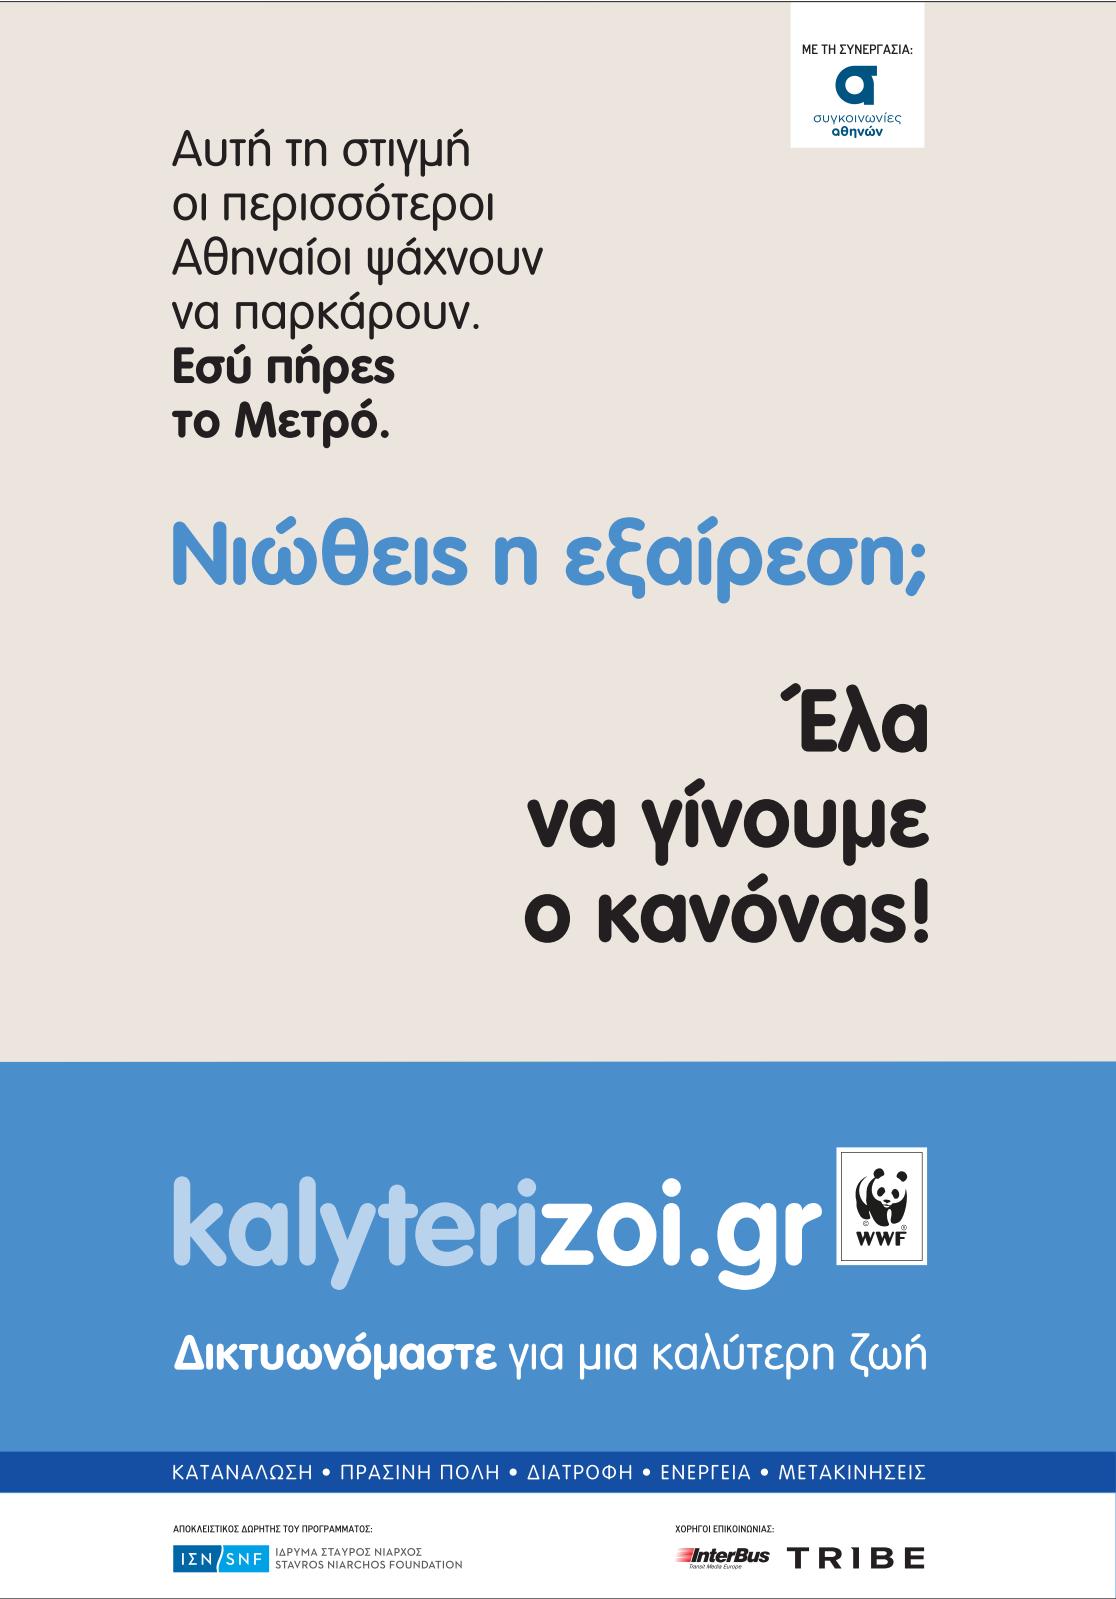 Καμπάνια στα Μέσα των Συγκοινωνιών Αθηνών